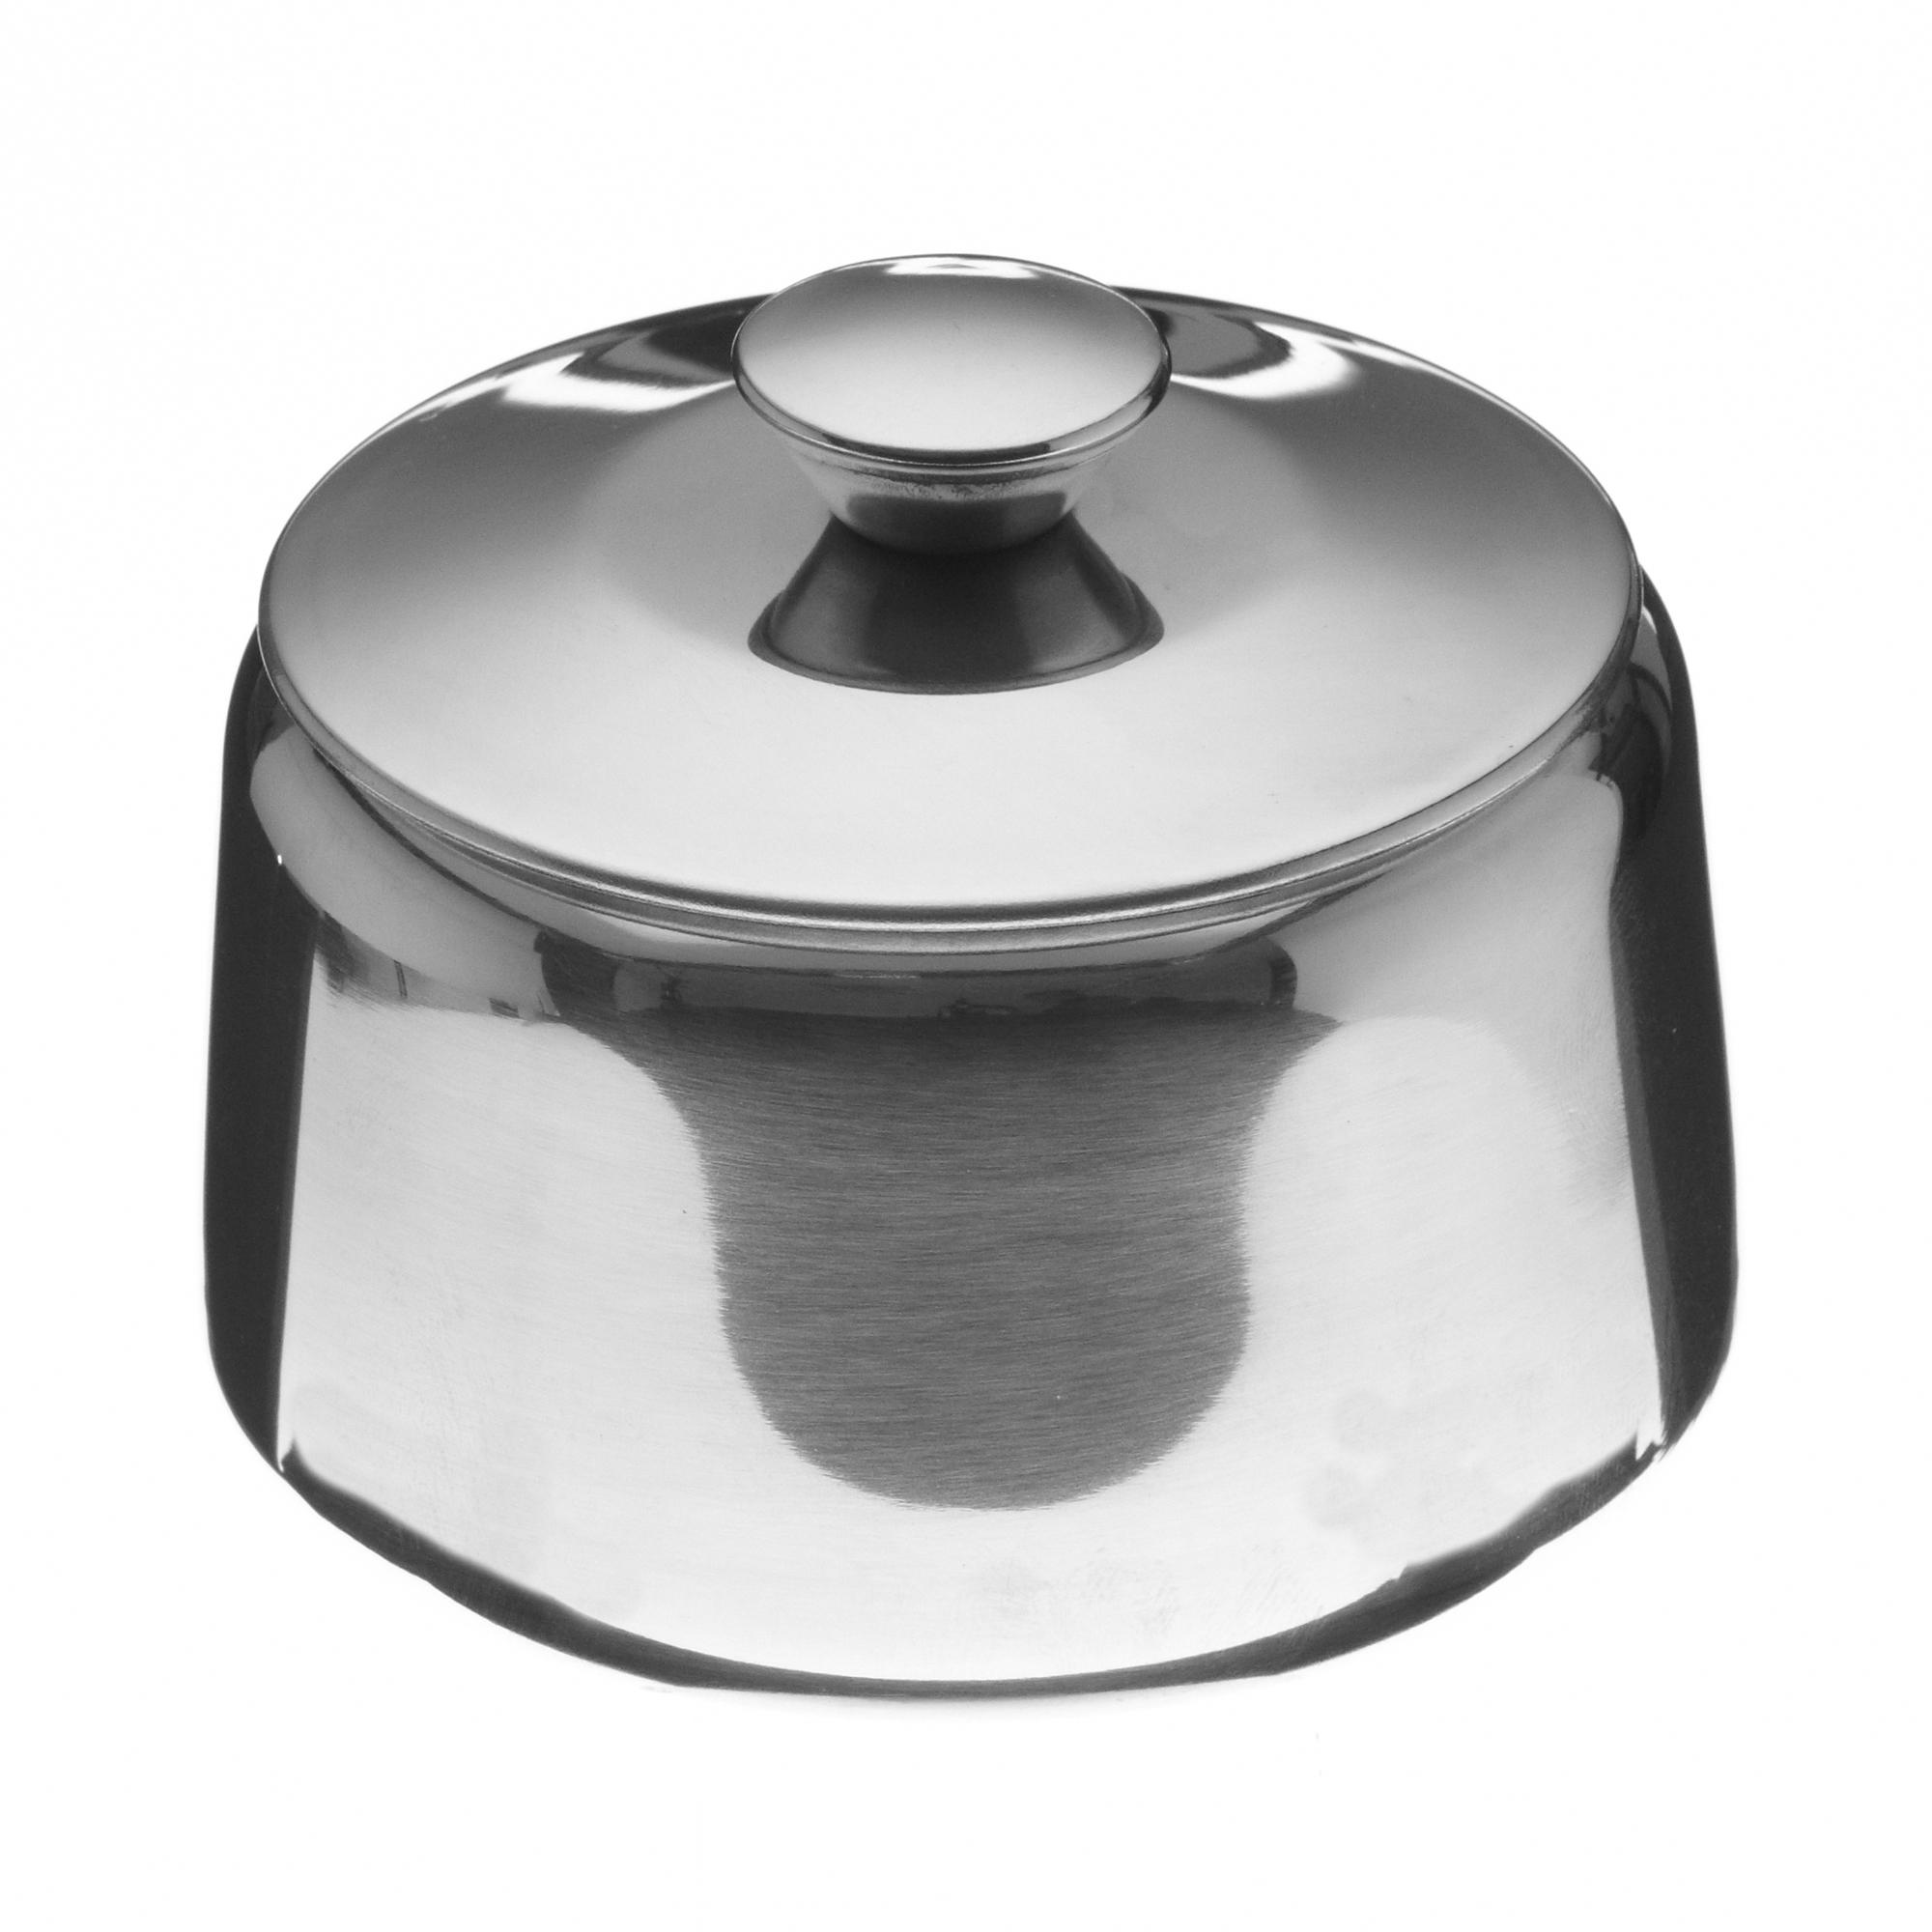 Sucrier en inox avec couvercle 23 cl mjpro for Equipement cuisine collective